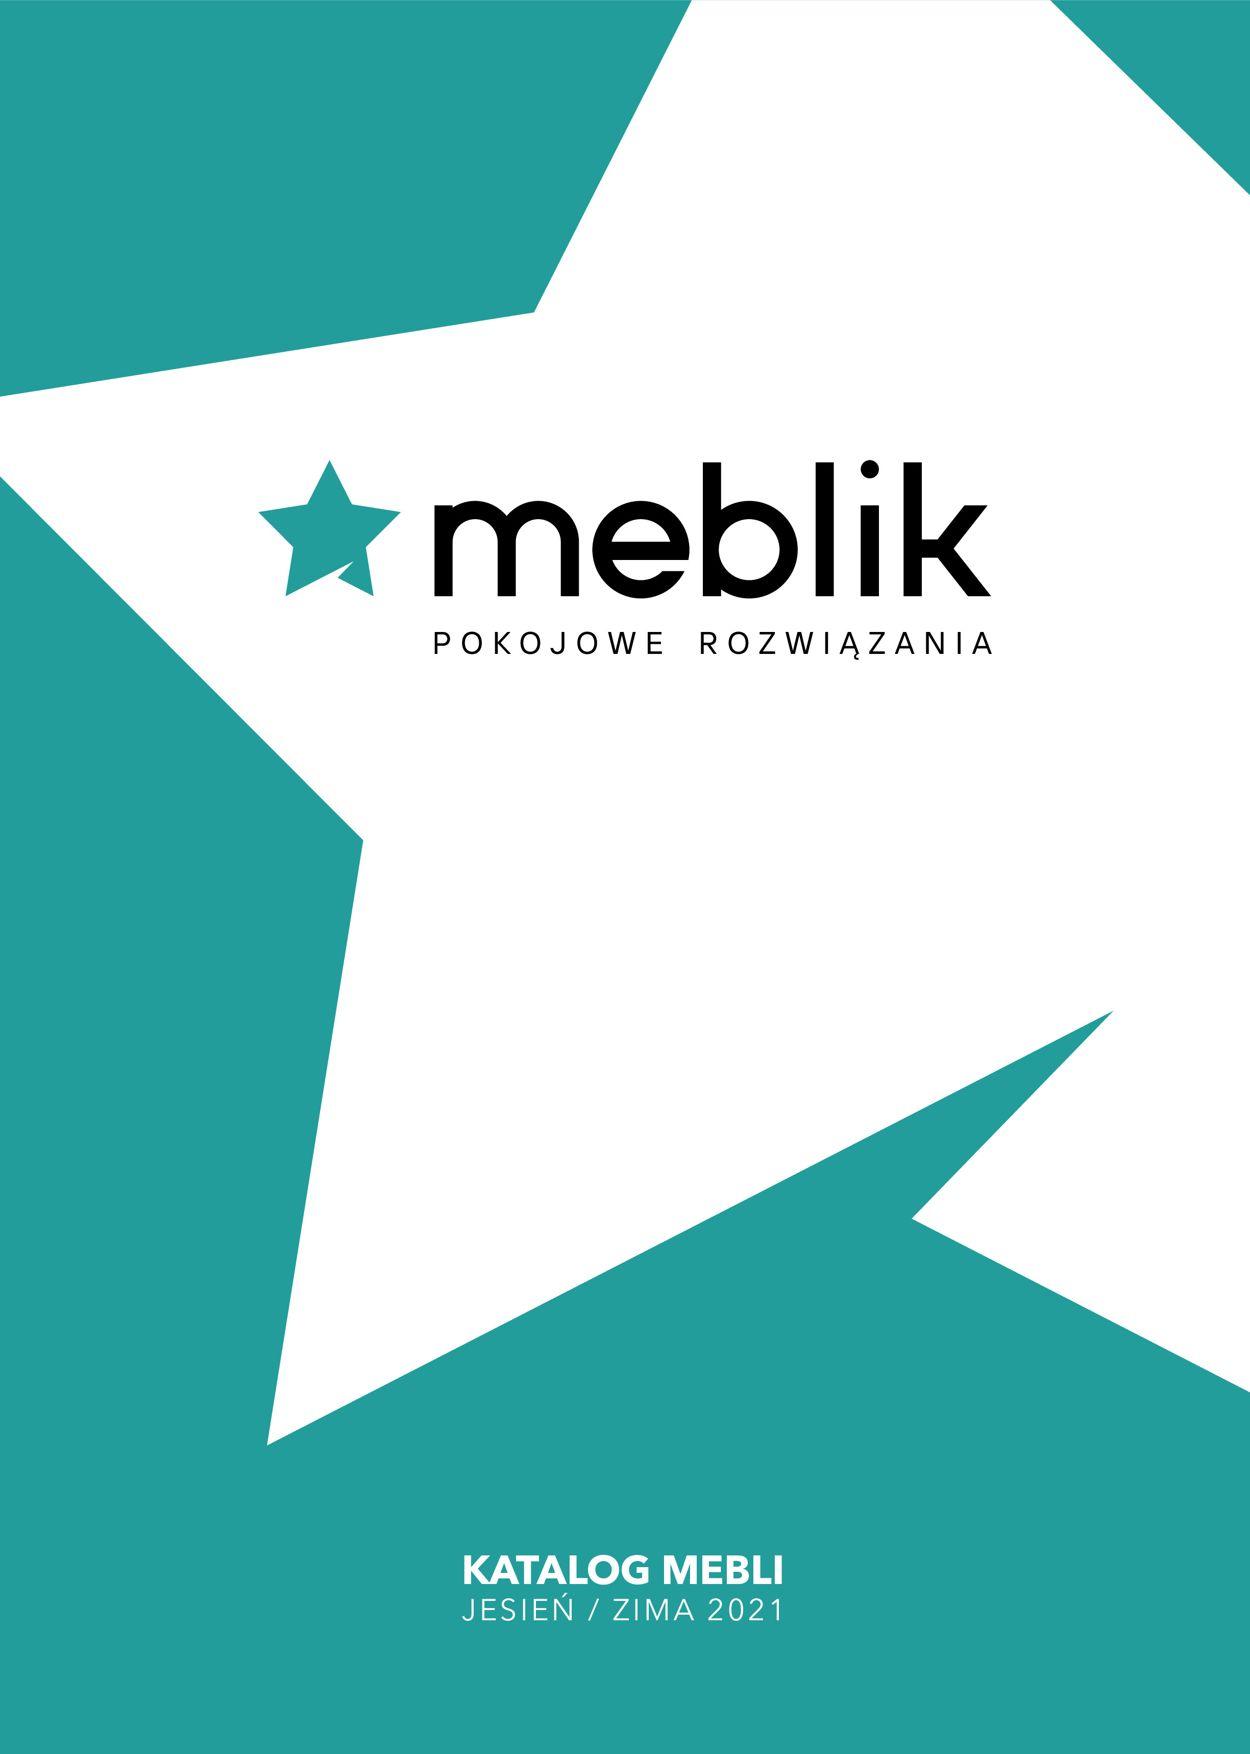 Gazetka promocyjna Meblik - 01.09-28.02.2021